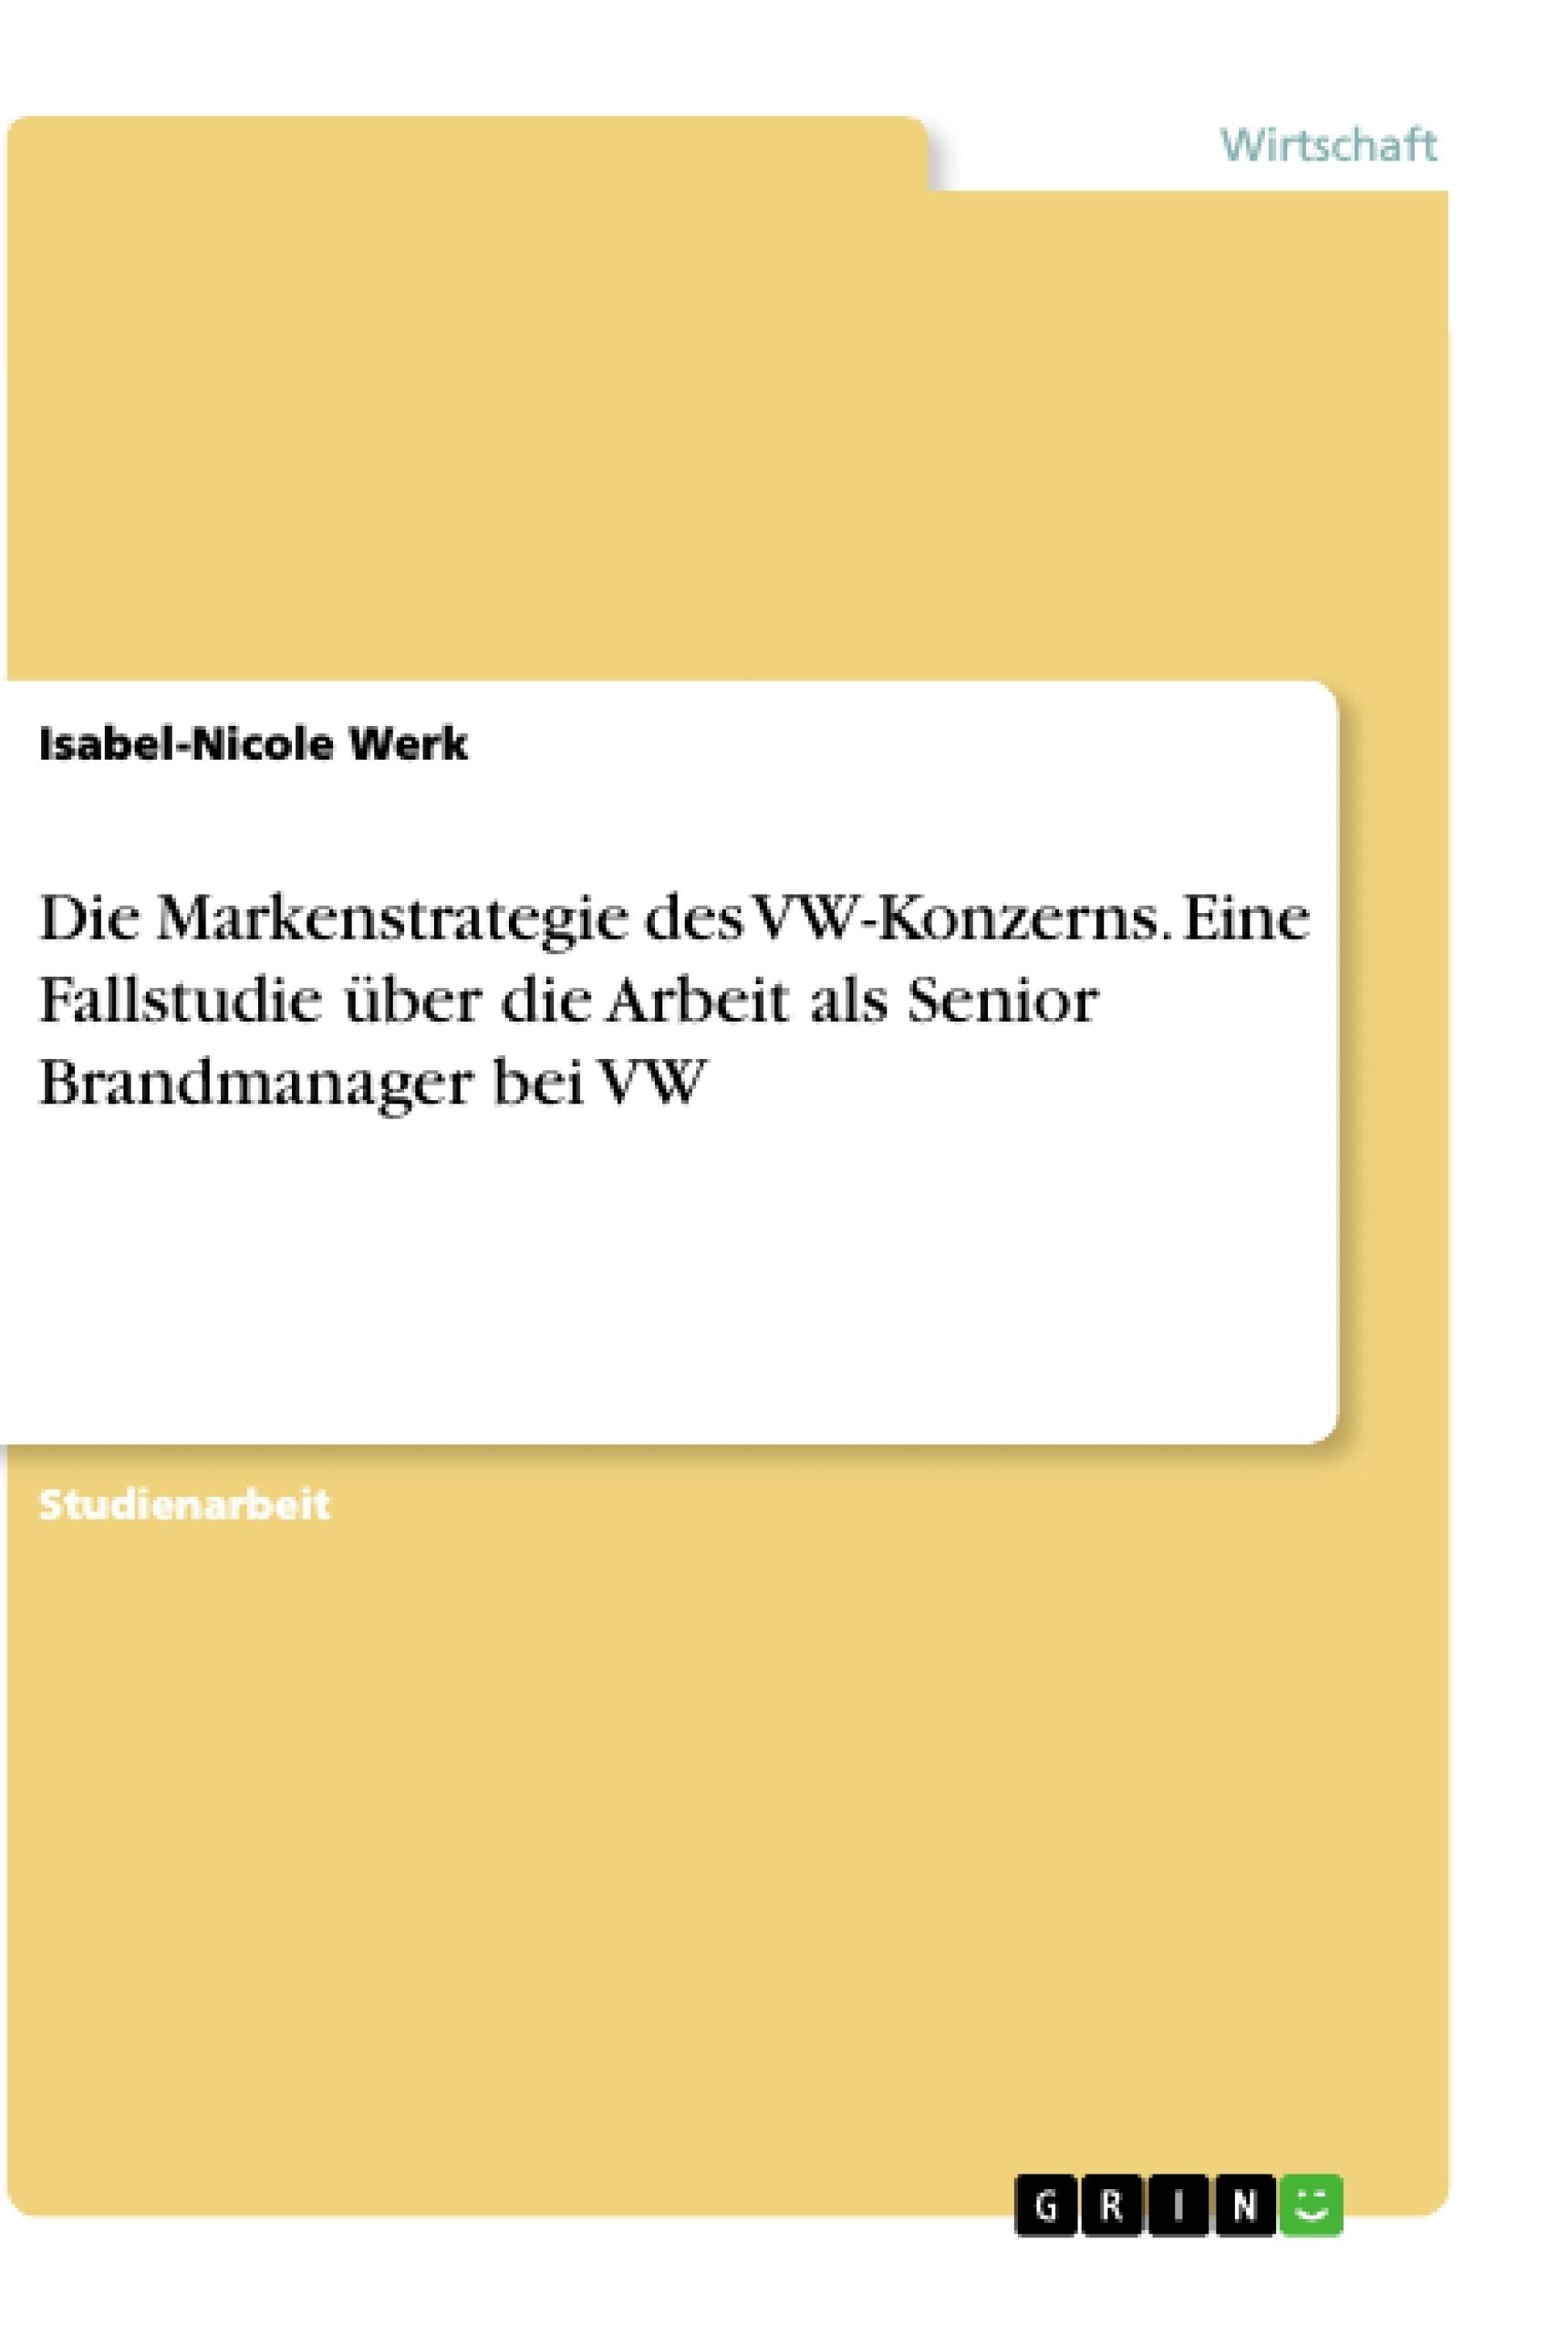 Titel: Die Markenstrategie des VW-Konzerns. Eine Fallstudie über die Arbeit als Senior Brandmanager bei VW